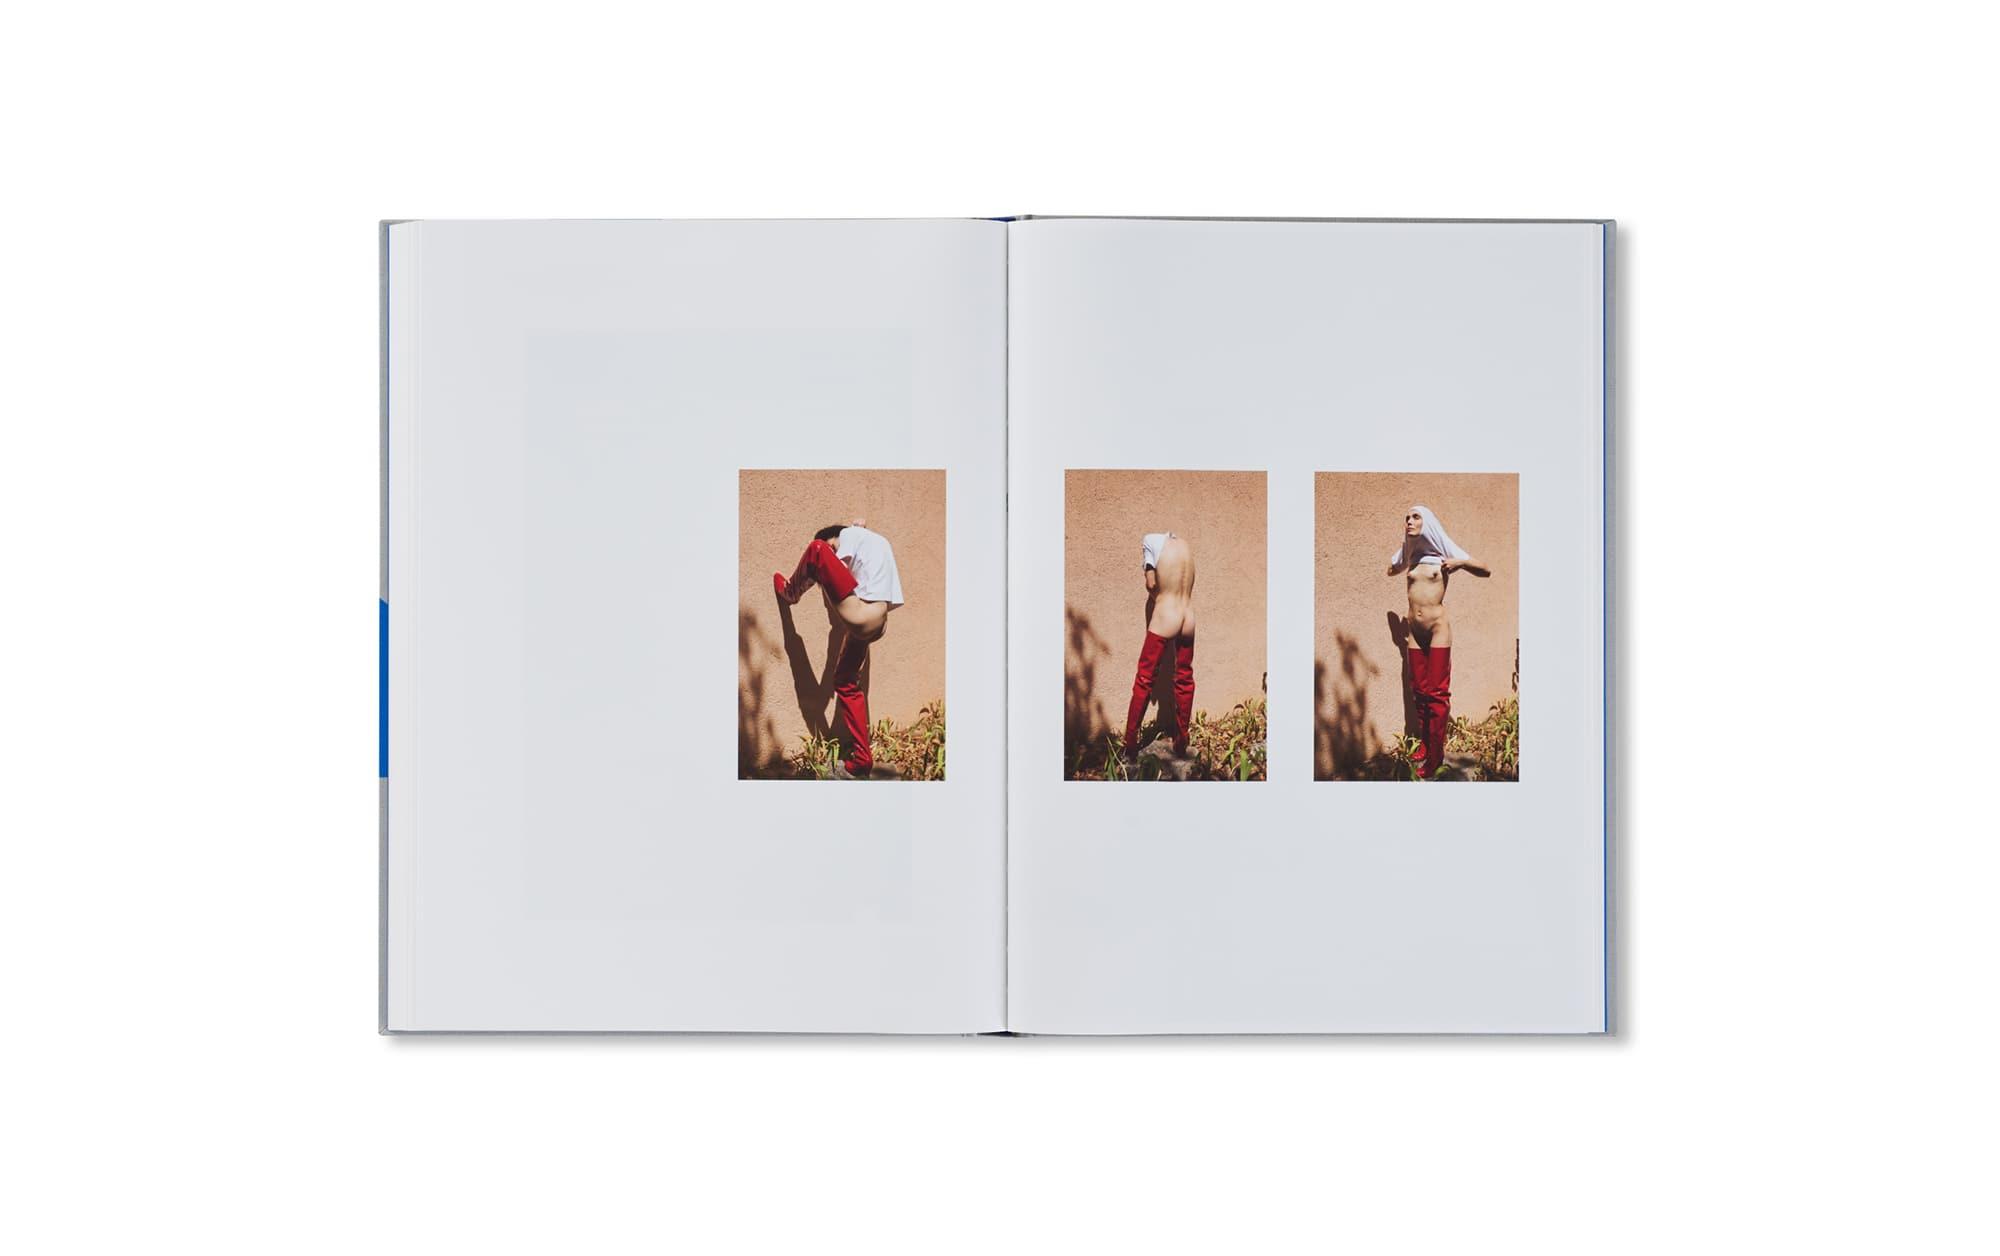 ROXANE Ⅱ ヴィヴィアン・サッセン 写真集3